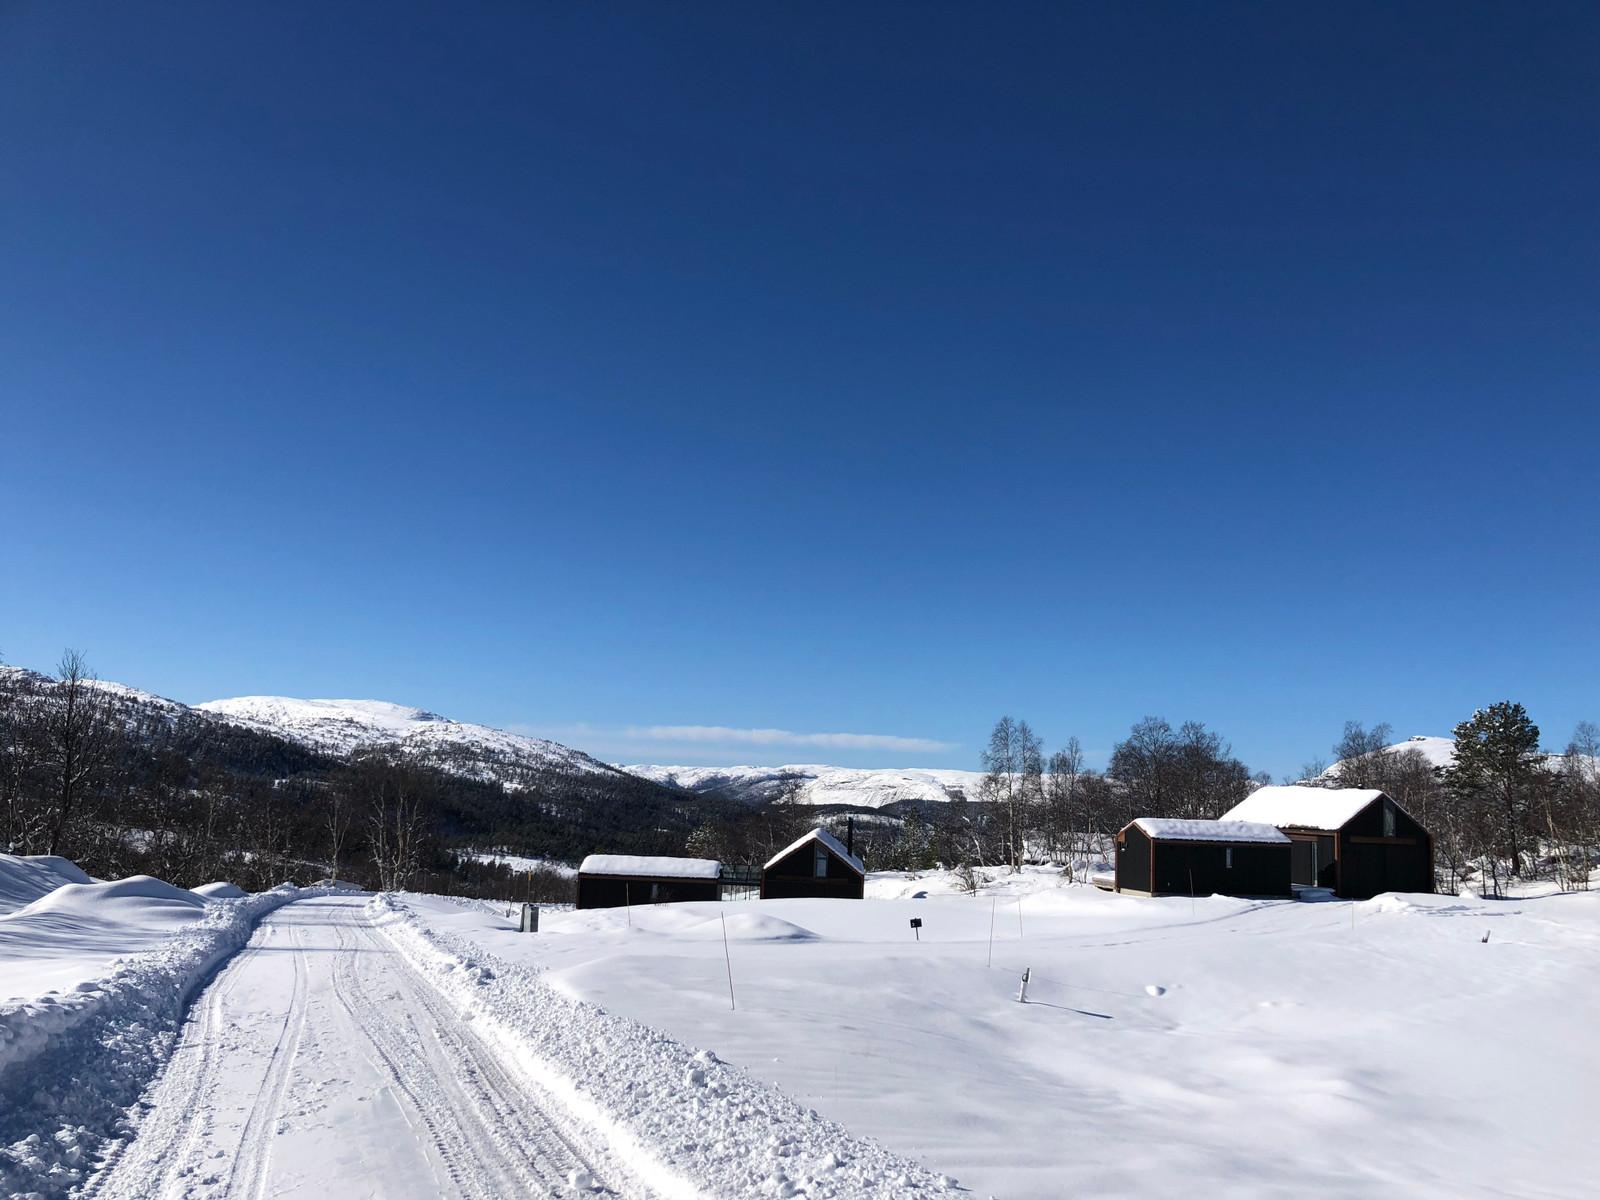 Fra Hattevarden Knaben, og de fantastiske omgivelsene  - Dette er fjellet i Norge på sitt aller beste!